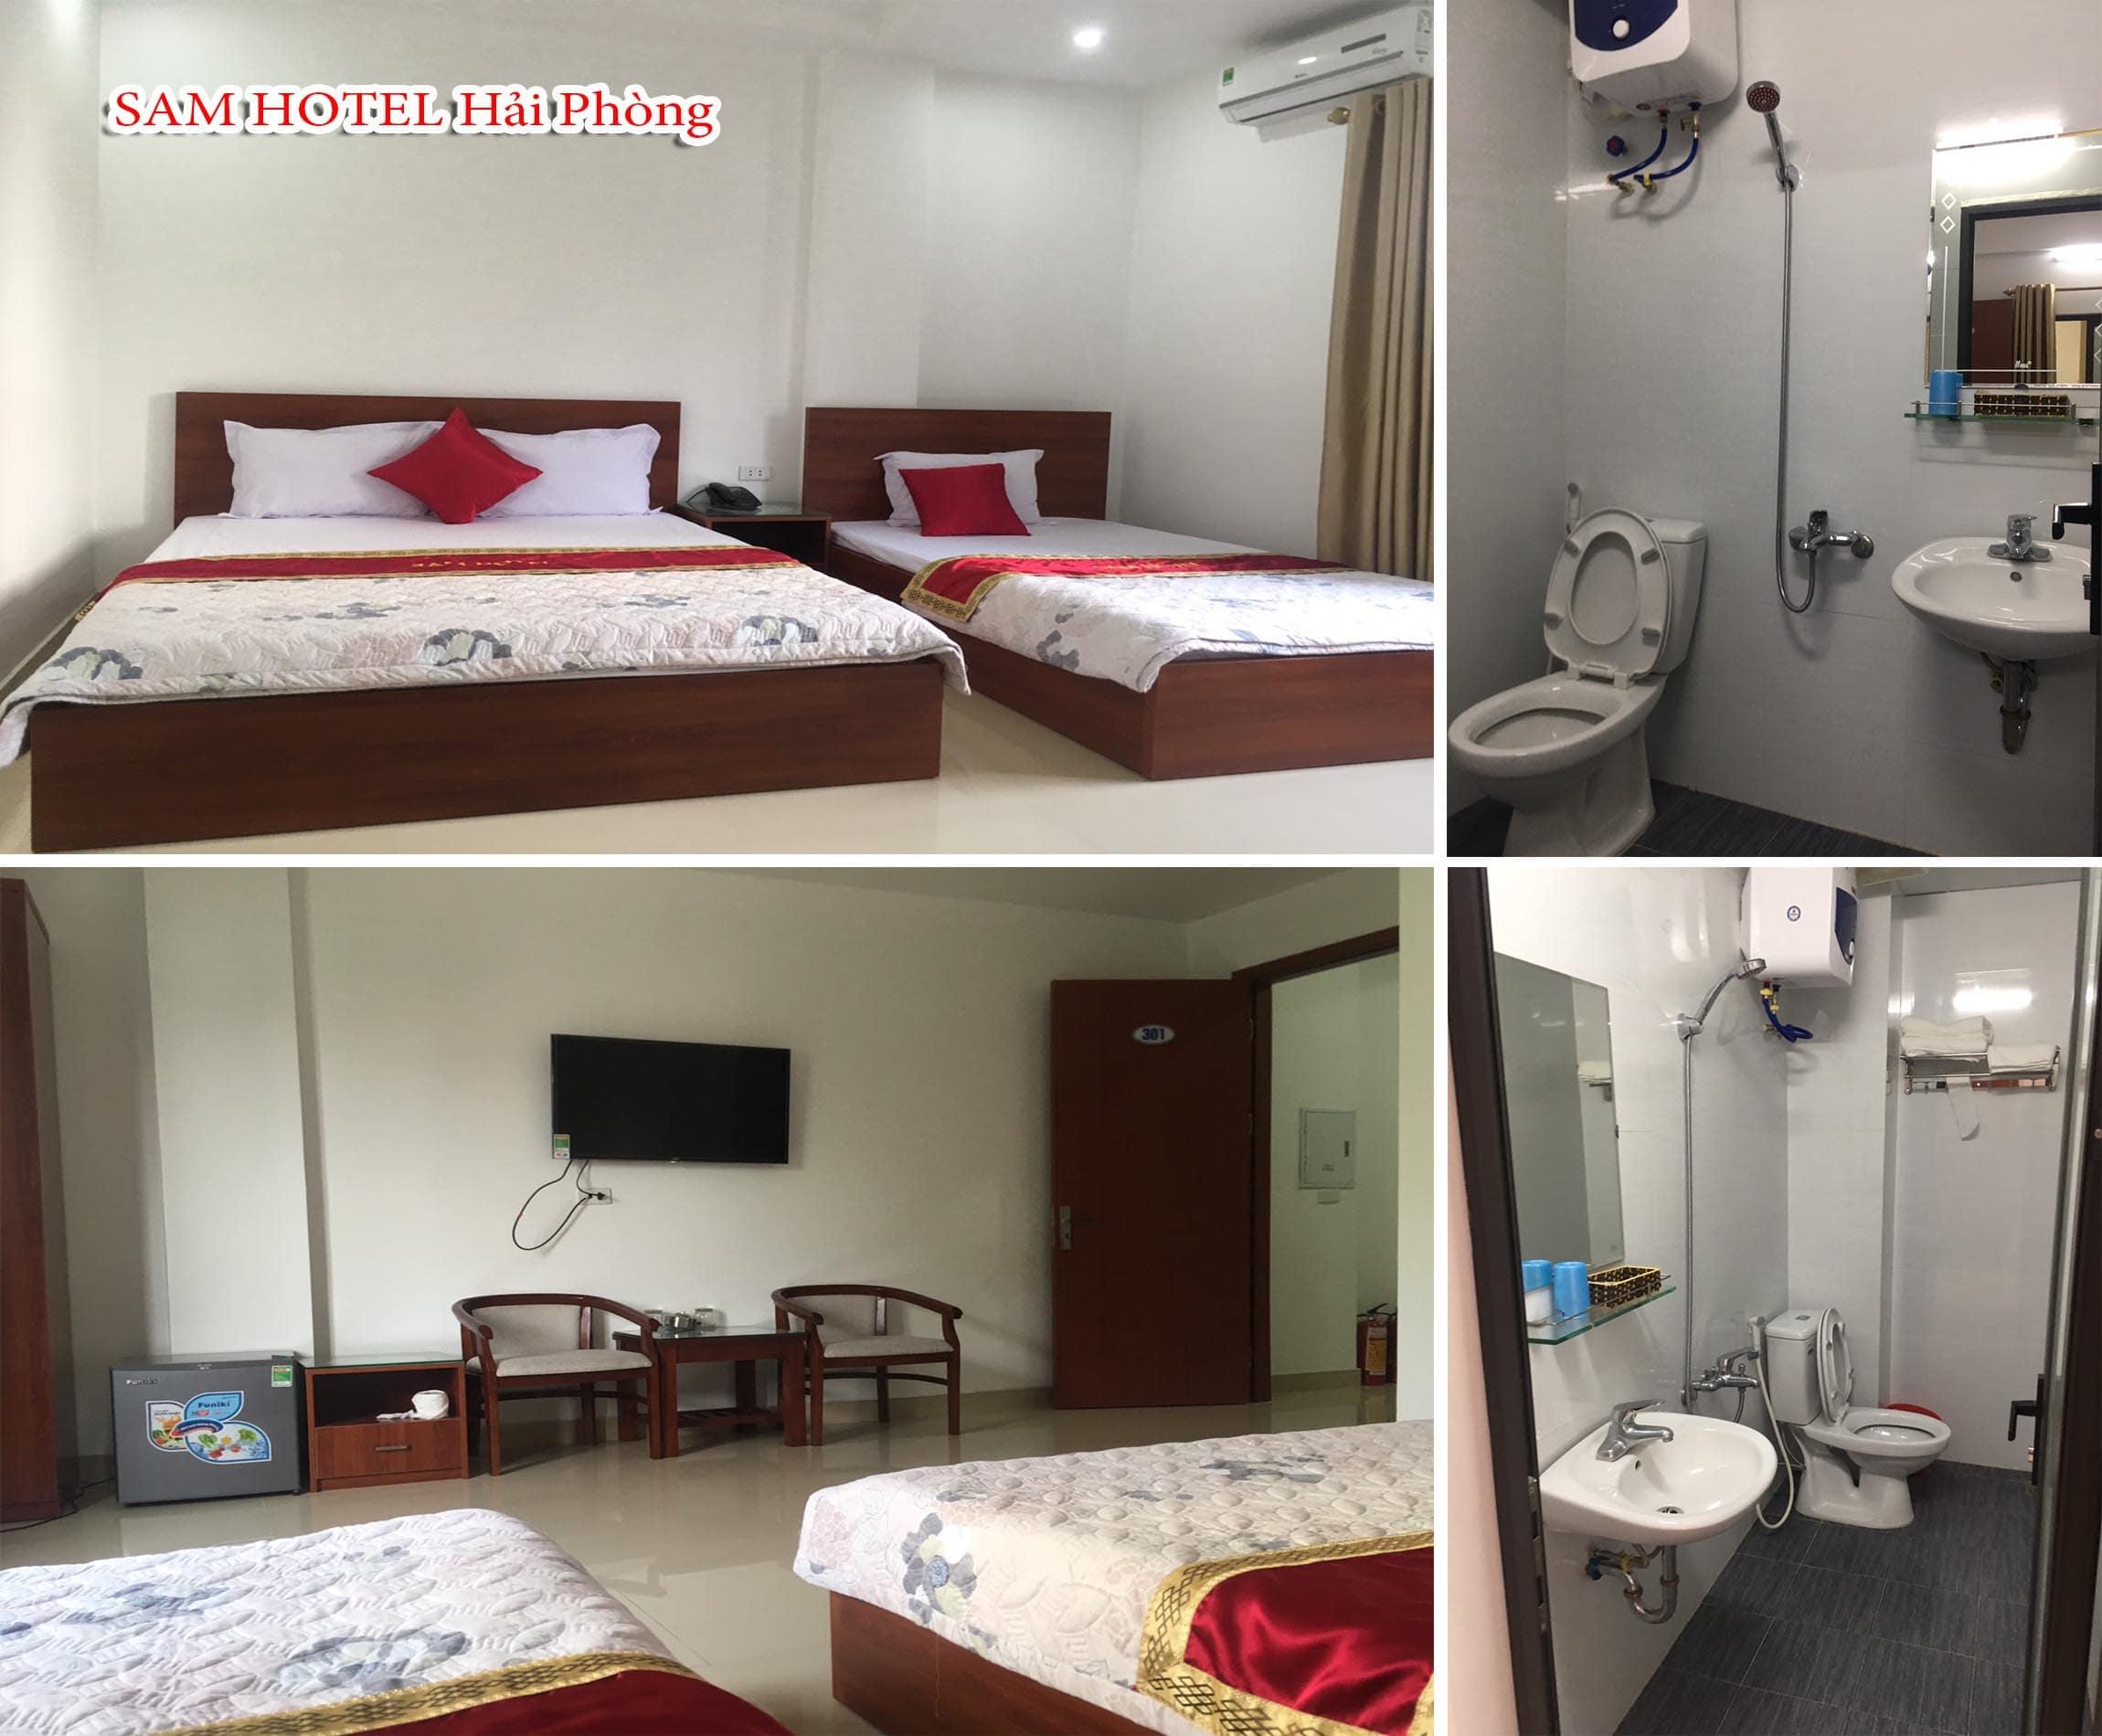 Hình ảnh nội thất khách sạn Sam Hotel Hải Phòng